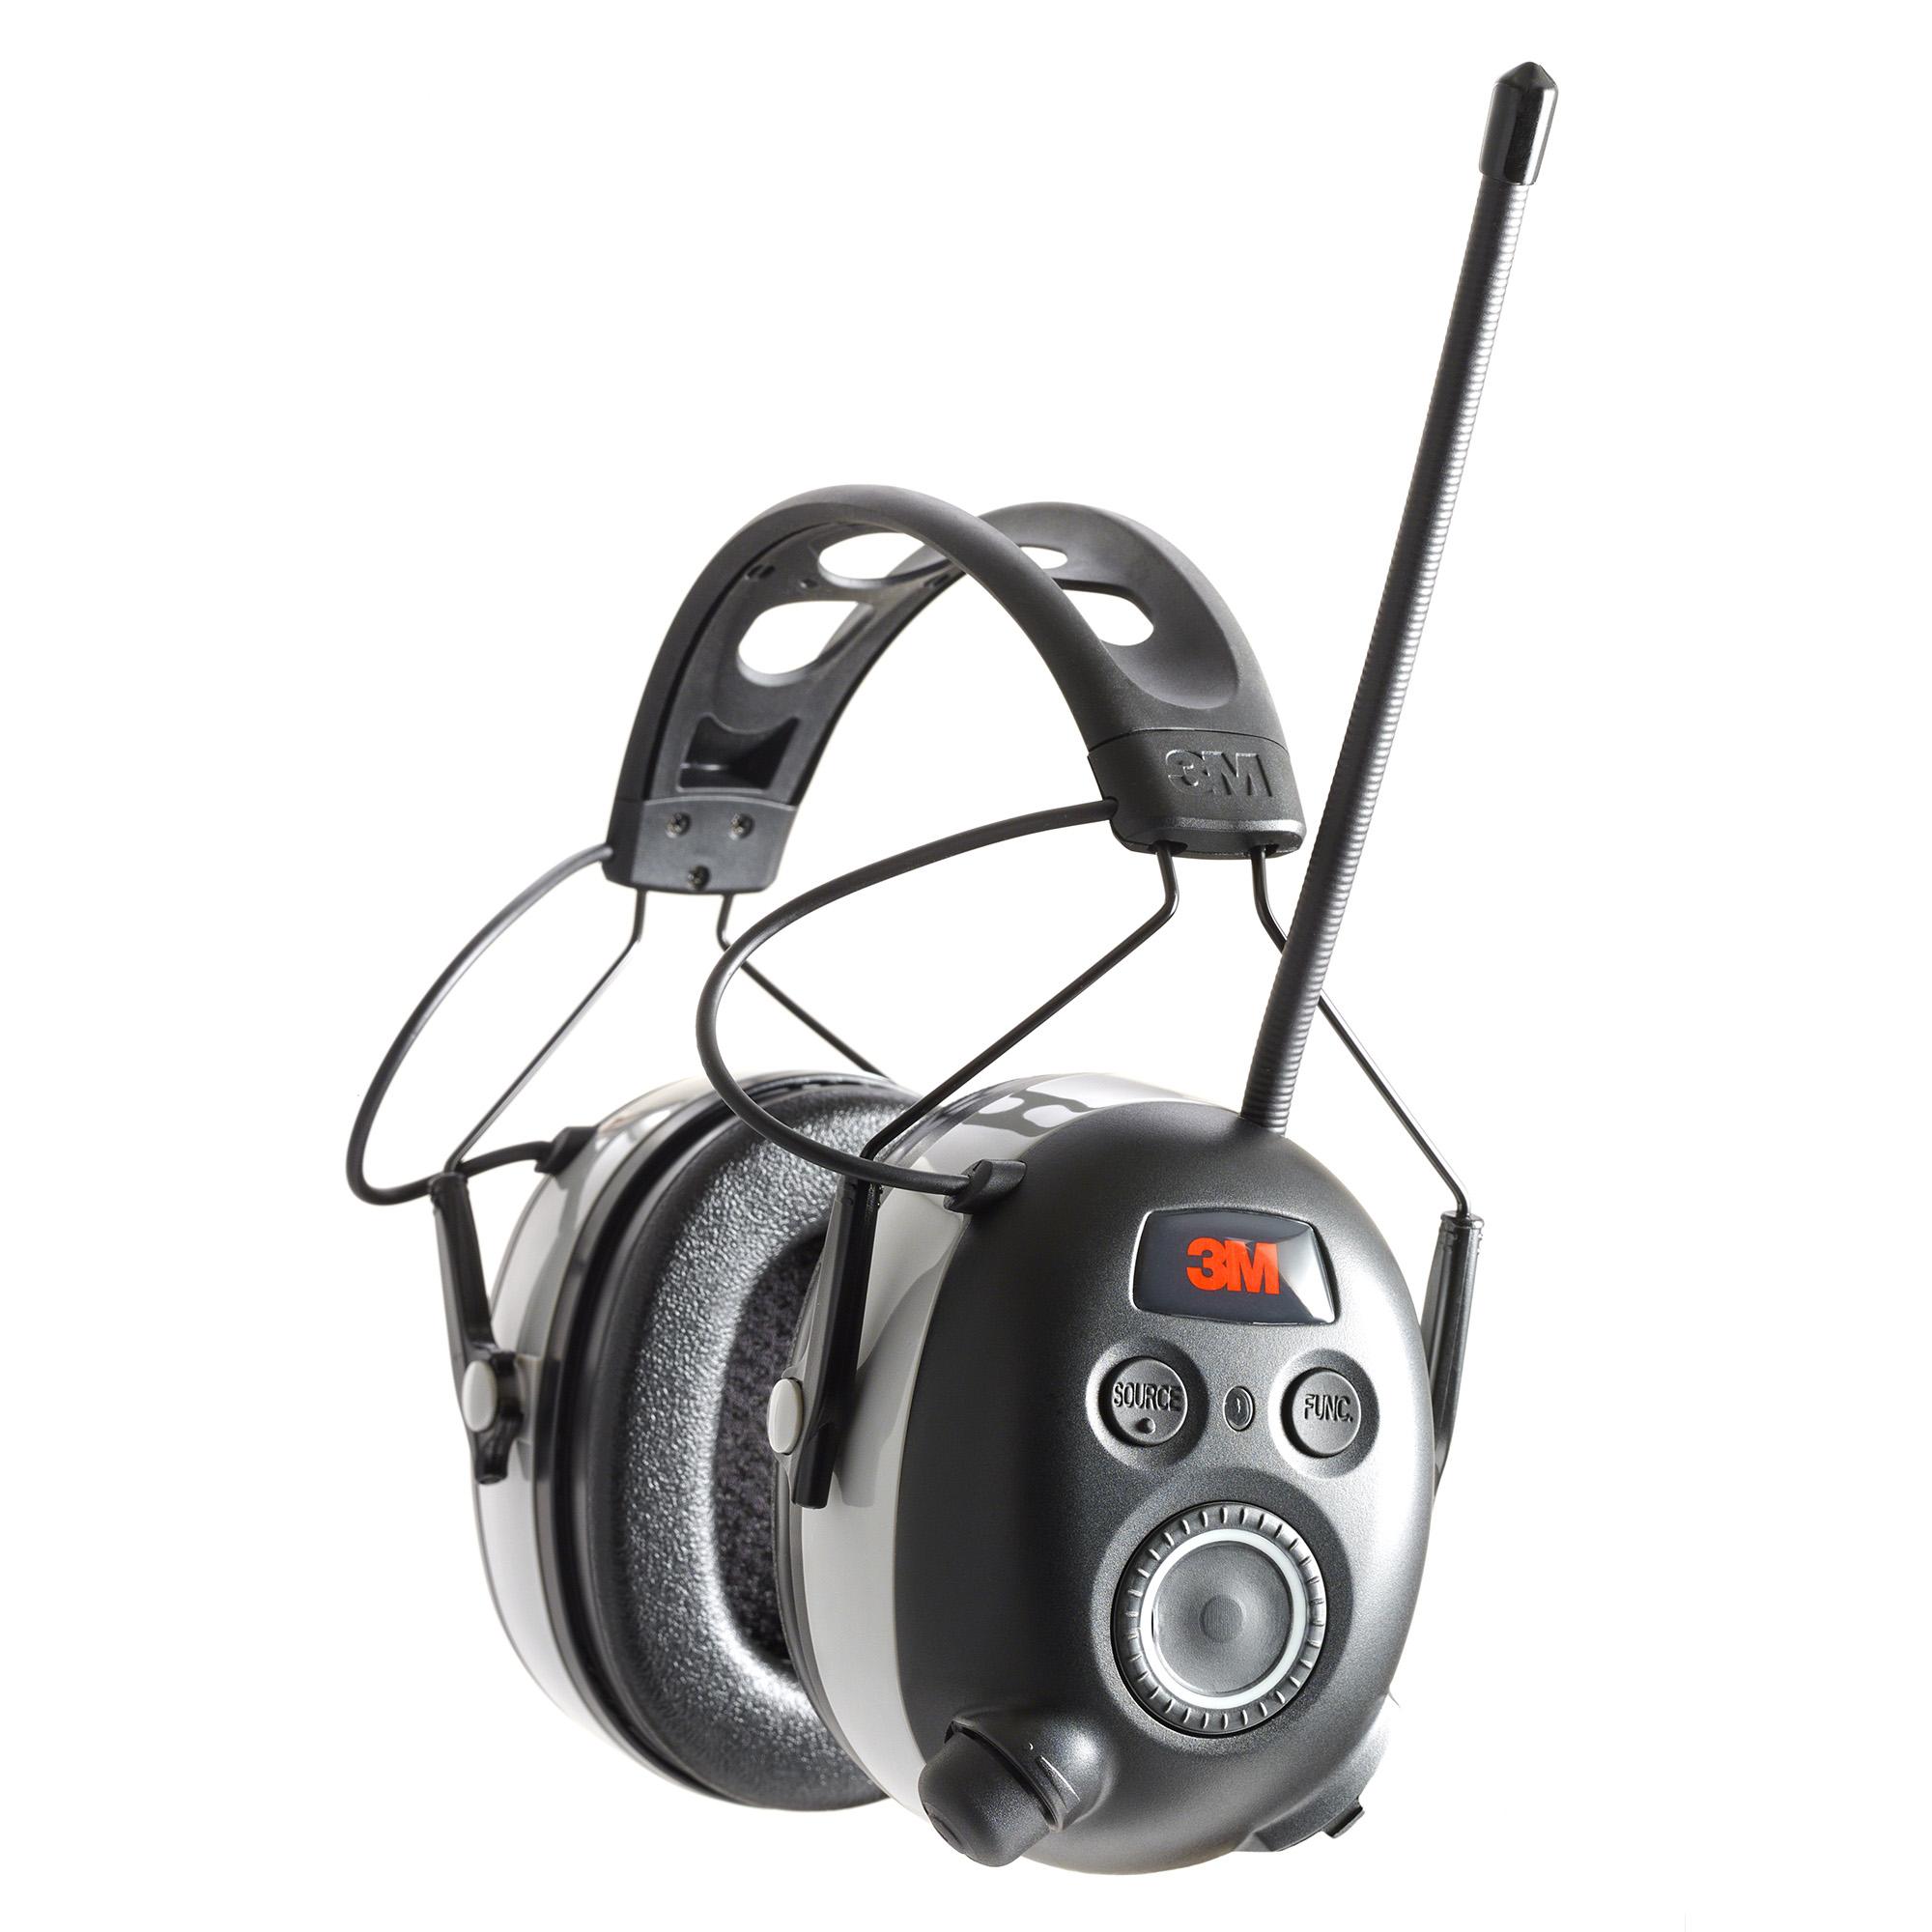 3m Worktunes Bluetooth Earmuffs Blk